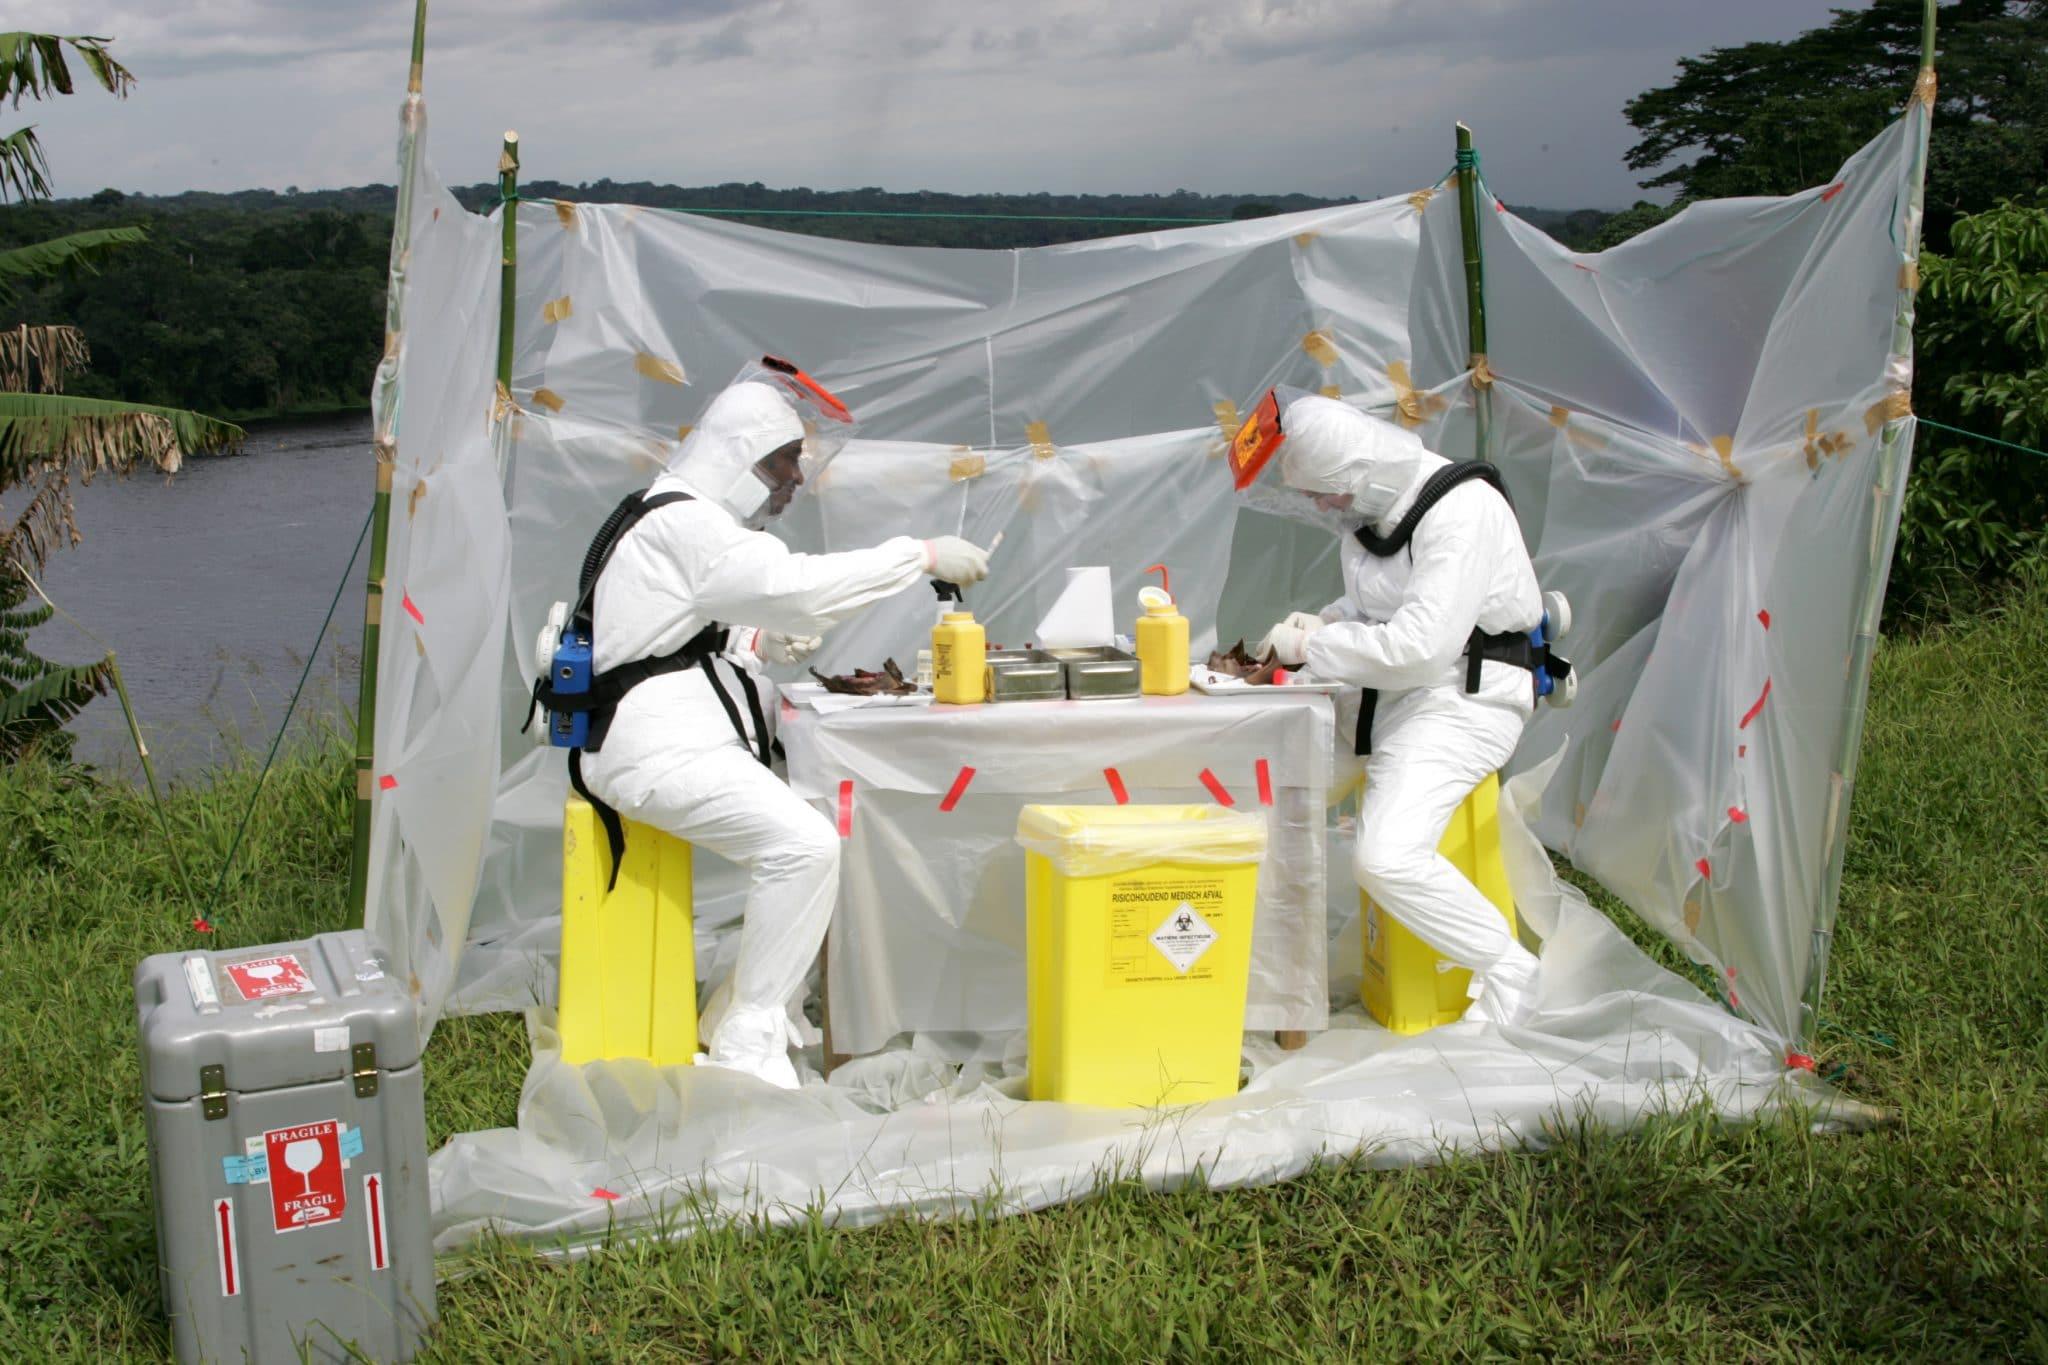 © IRD - Jean-Jacques Lemasson - Autopsies des chauves-souris sur le terrain dans un laboratoire de brousse, région de Lambaréné, Gabon.